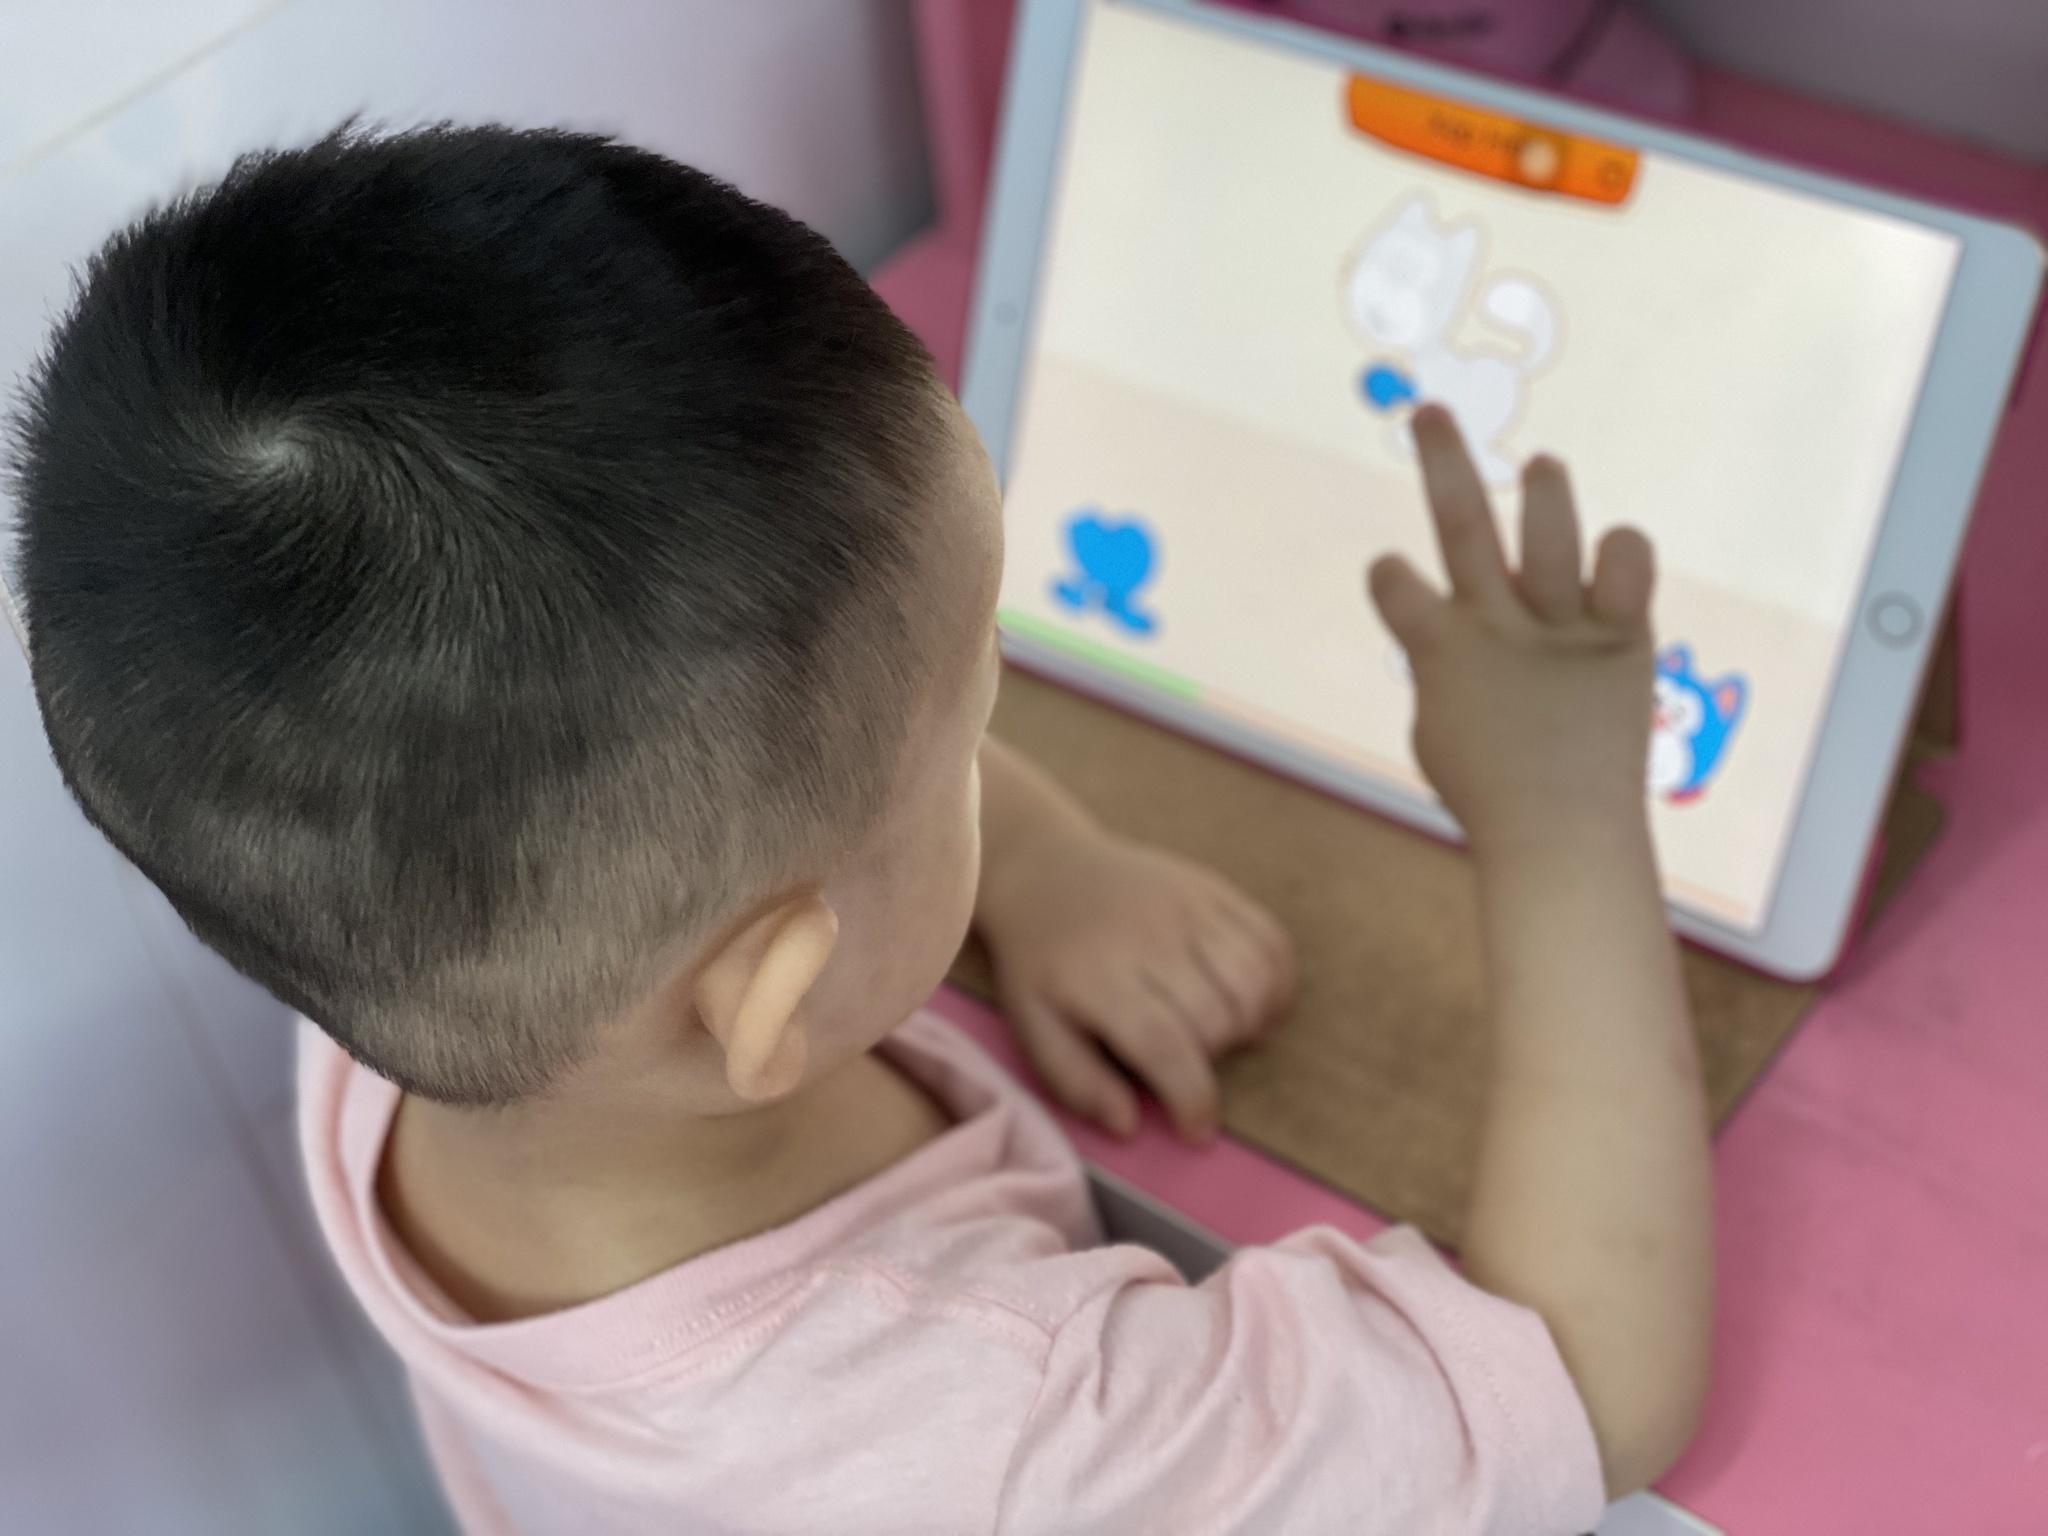 Dịch bệnh kéo dài, nhiều phụ huynh lo lắng con sẽ bắt đầu năm học bằng hình thức trực tuyến /// Nguyễn Loan